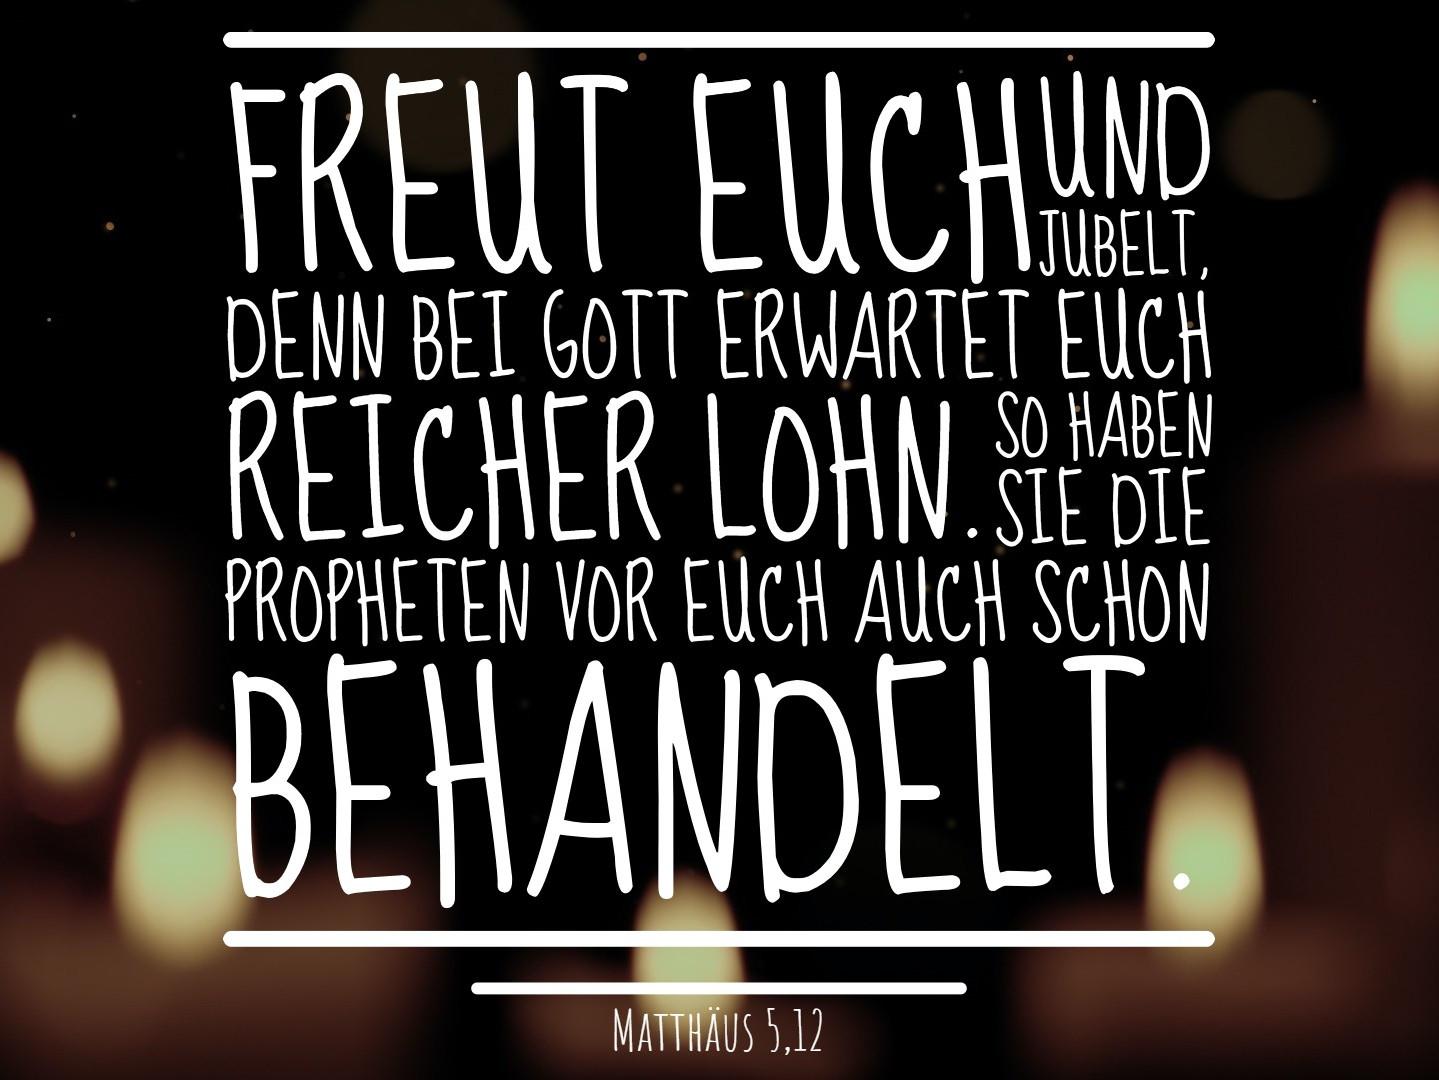 Matthäus 5,12.jpeg